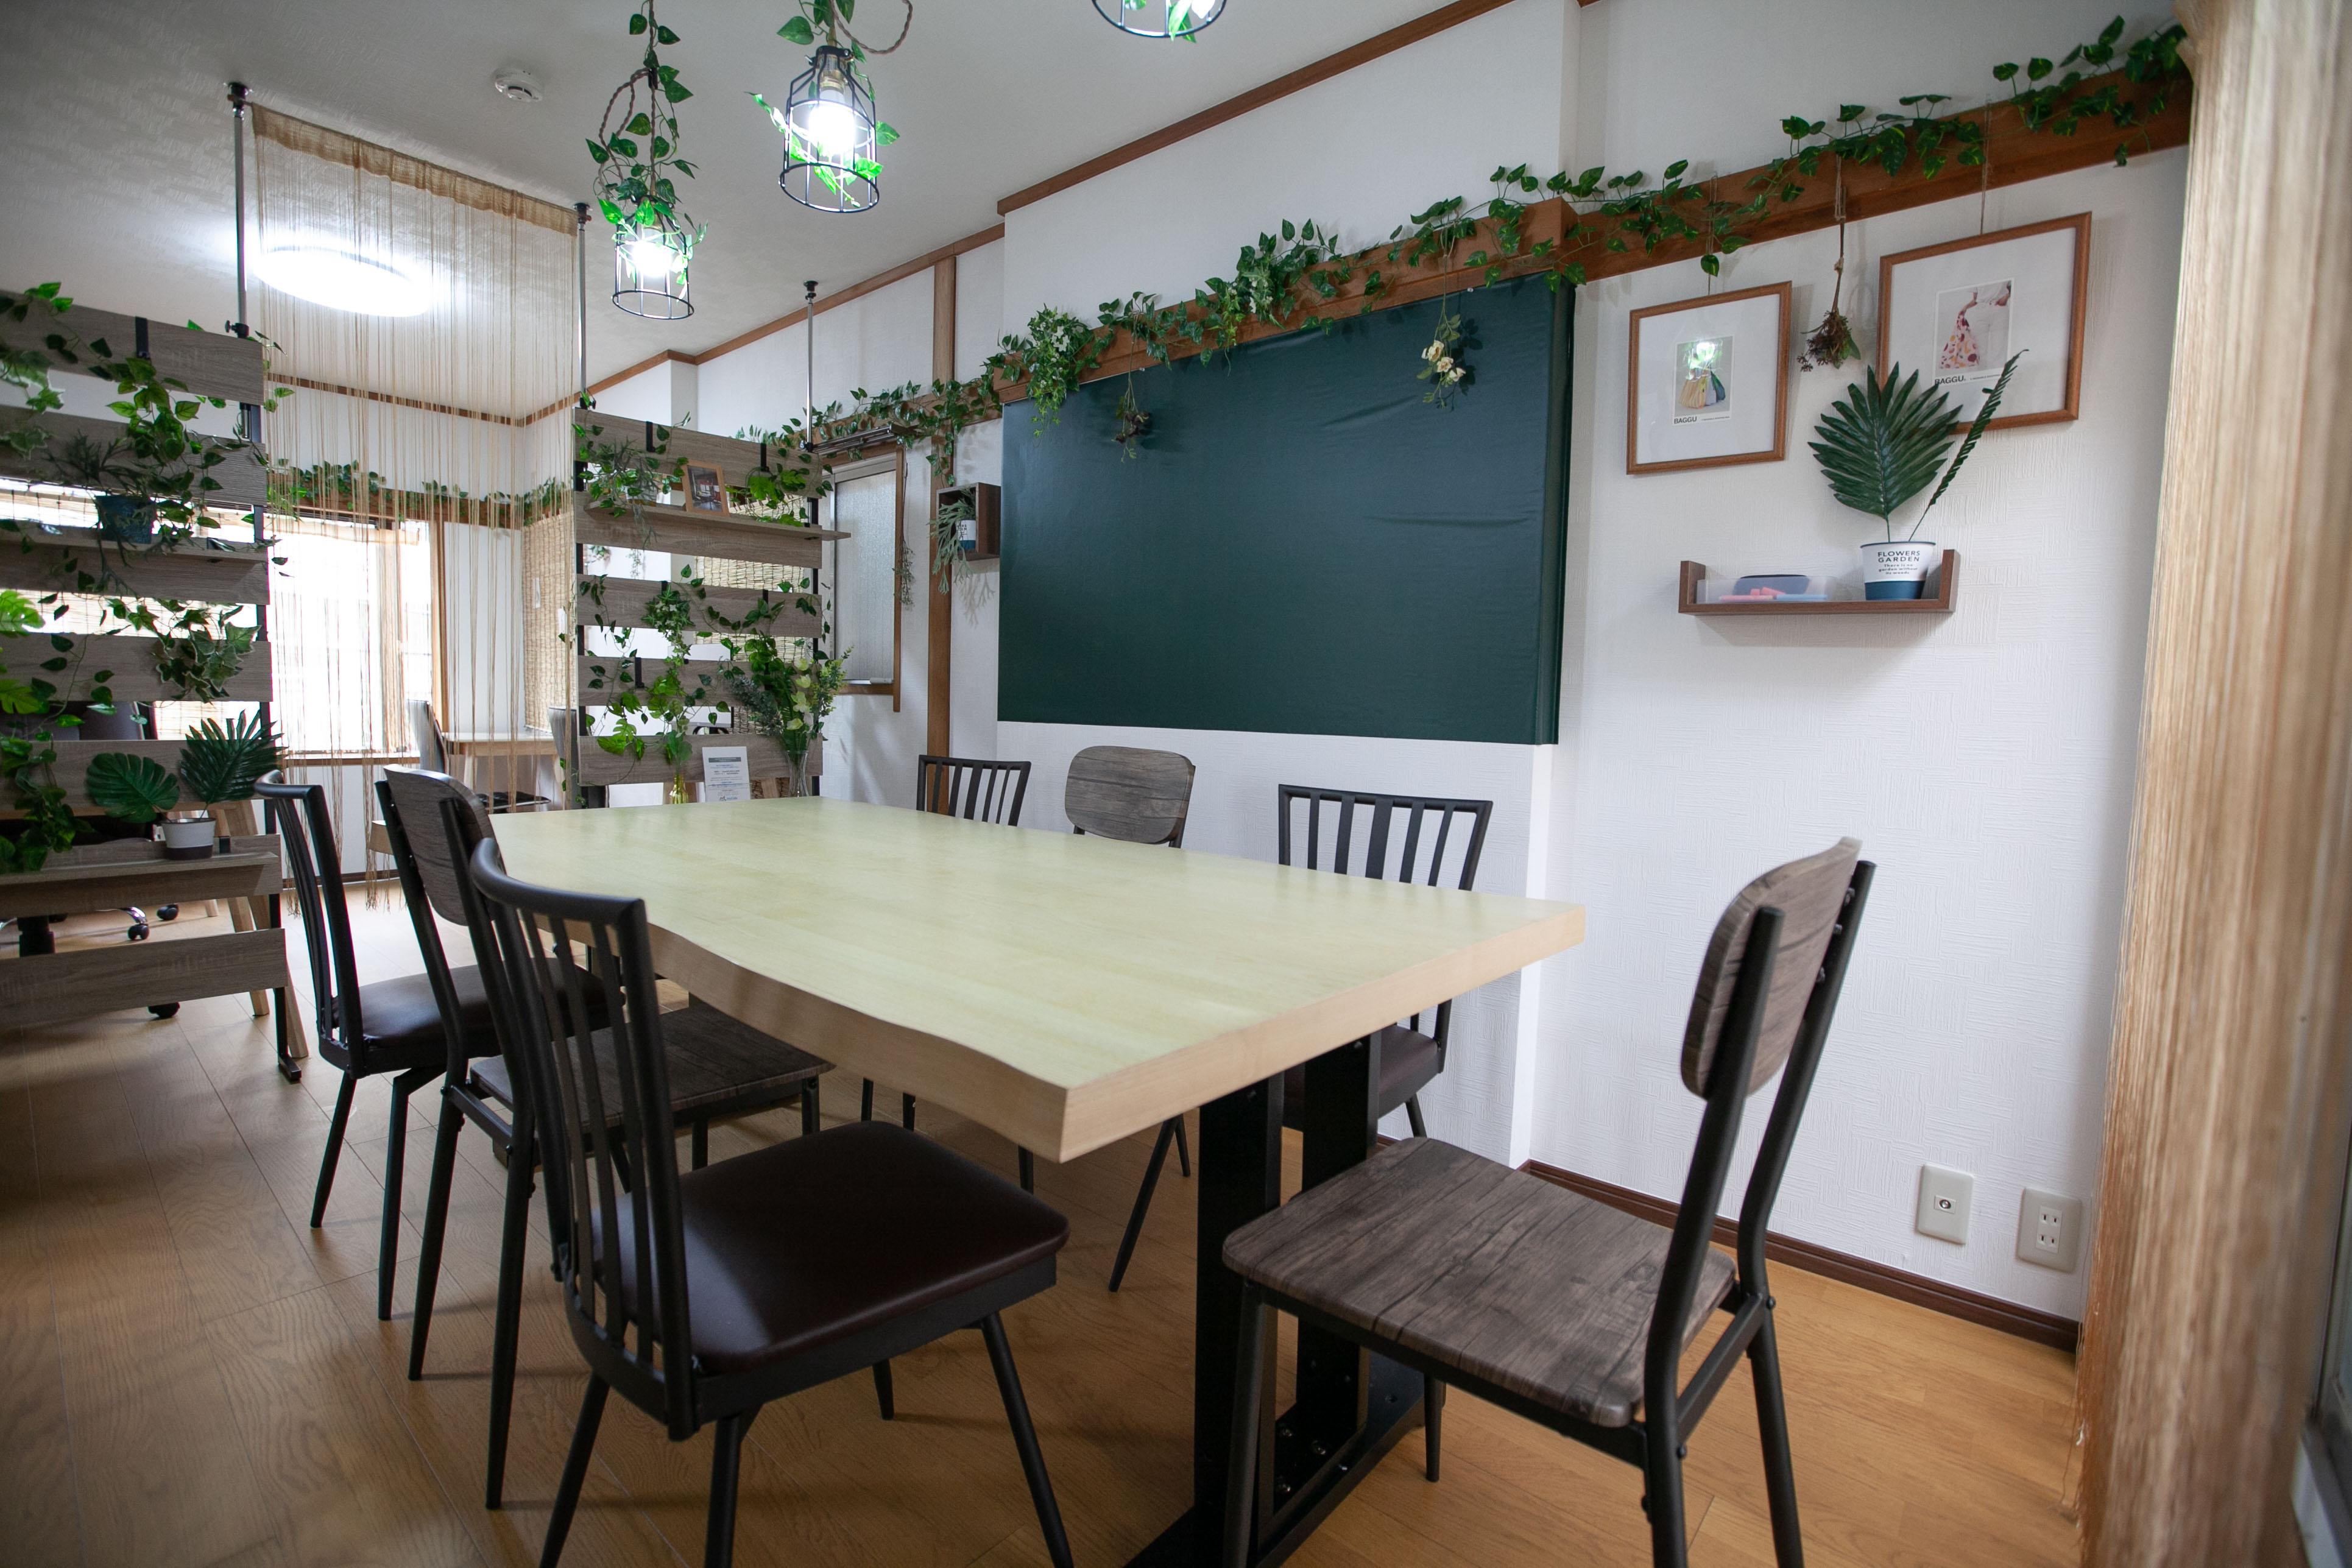 ●2階ナチュラルカフェ 古民家の面影を残す、柱と長押。 ナチュラルな木目と緑で包 - 東京・王子「アイビーカフェ王子」 一軒まるごと利用/90㎡・20名の室内の写真